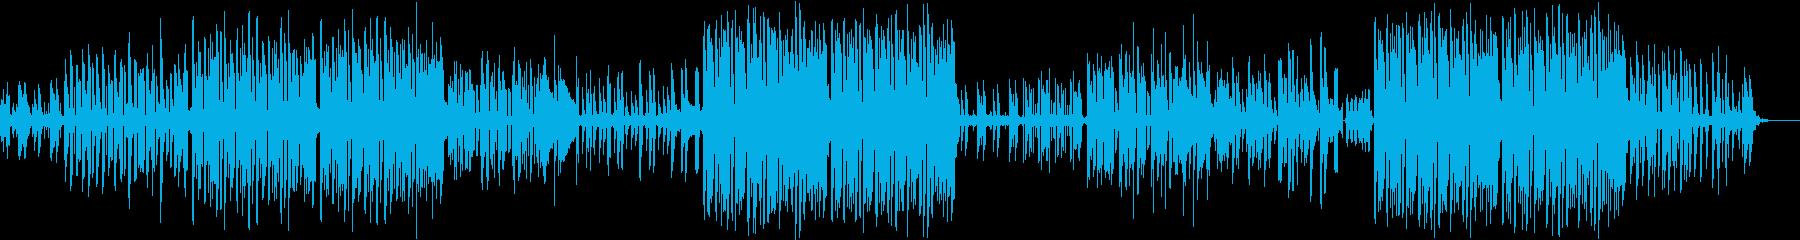 軽快で春らしいフォークトロニカの再生済みの波形